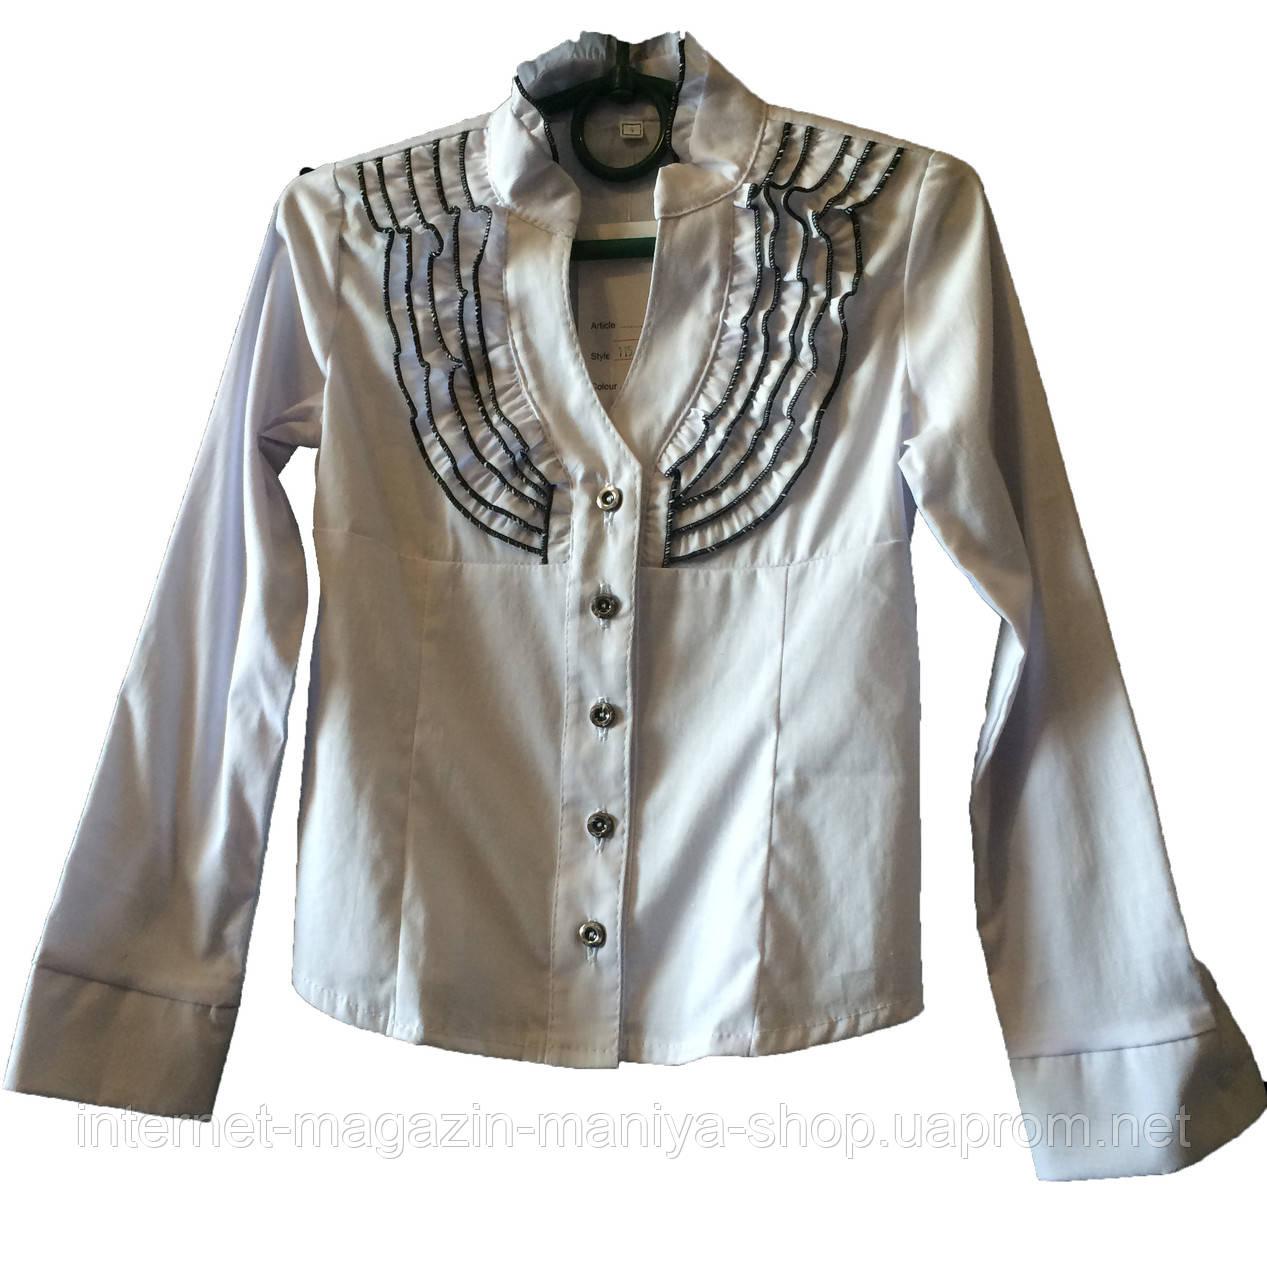 Детская блузка купить